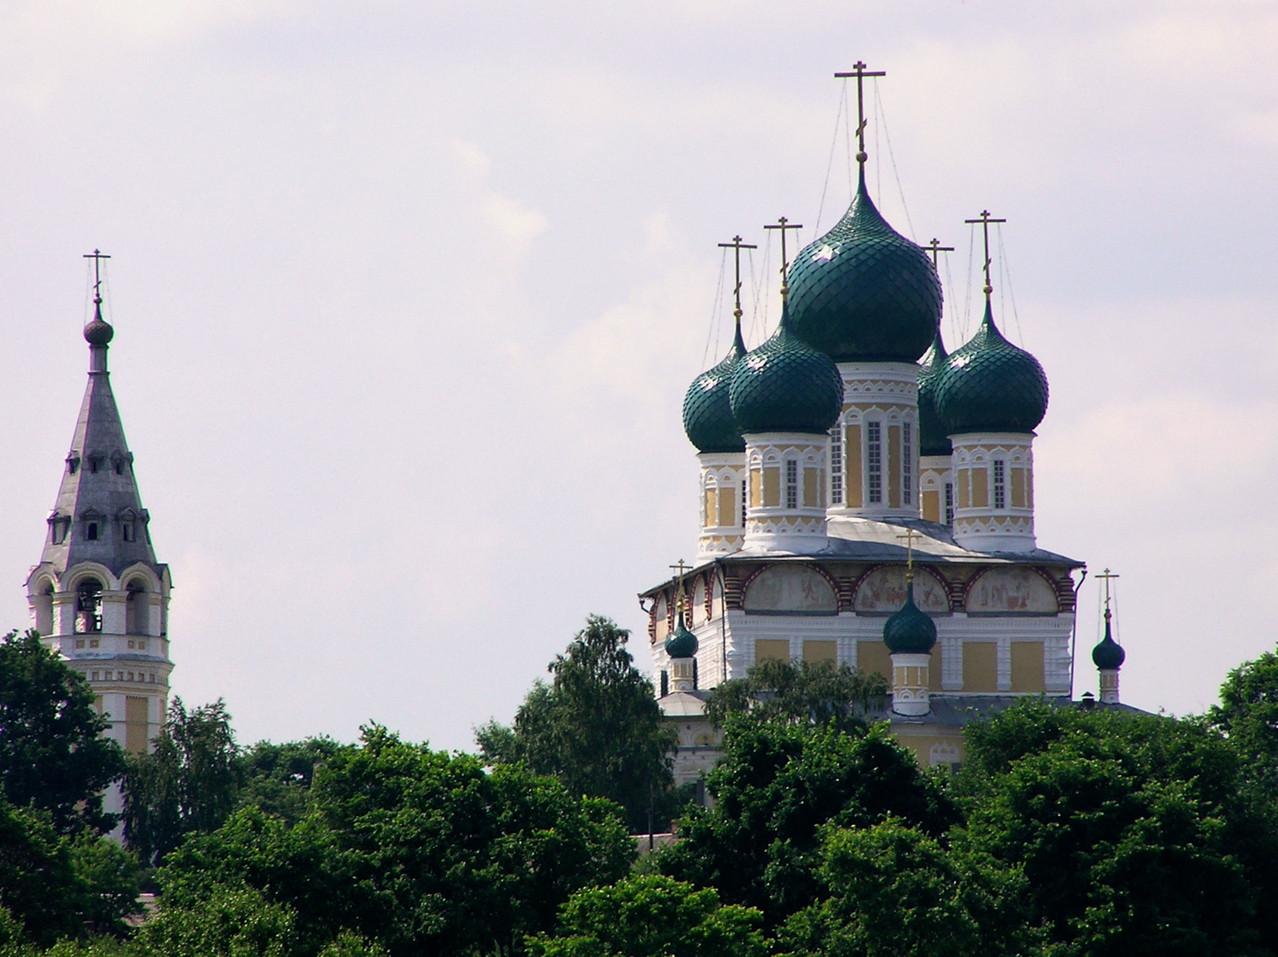 ... passieren wir das Tolga-Kloster aus 1314 ...